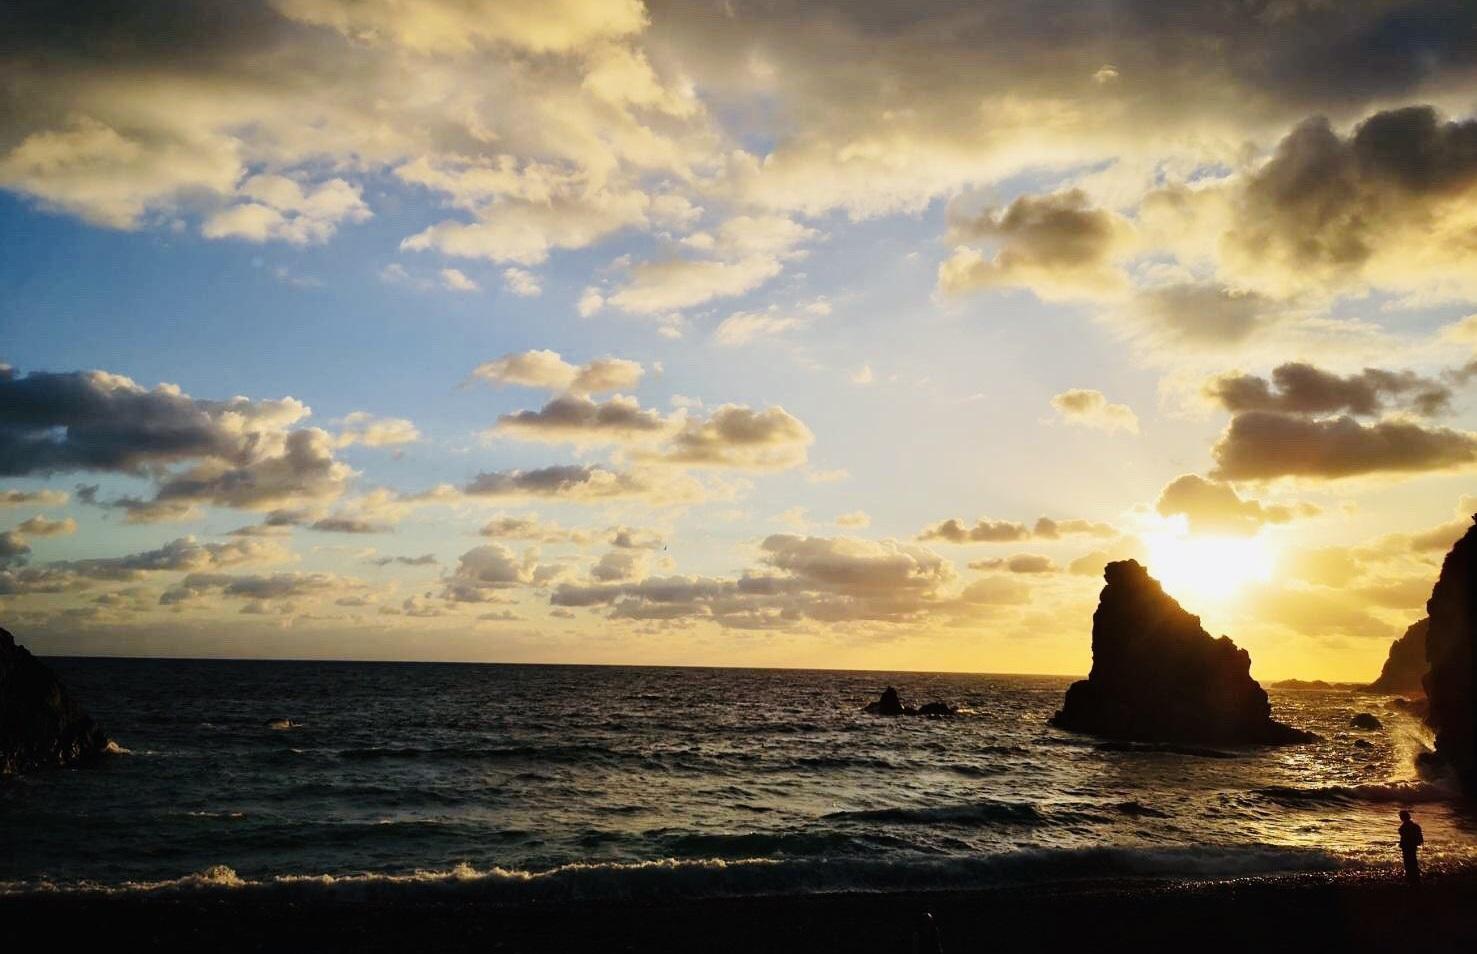 日曜劇場【天国と地獄-サイコな2人-】3話のネタバレ!奄美大島の月と太陽の伝説